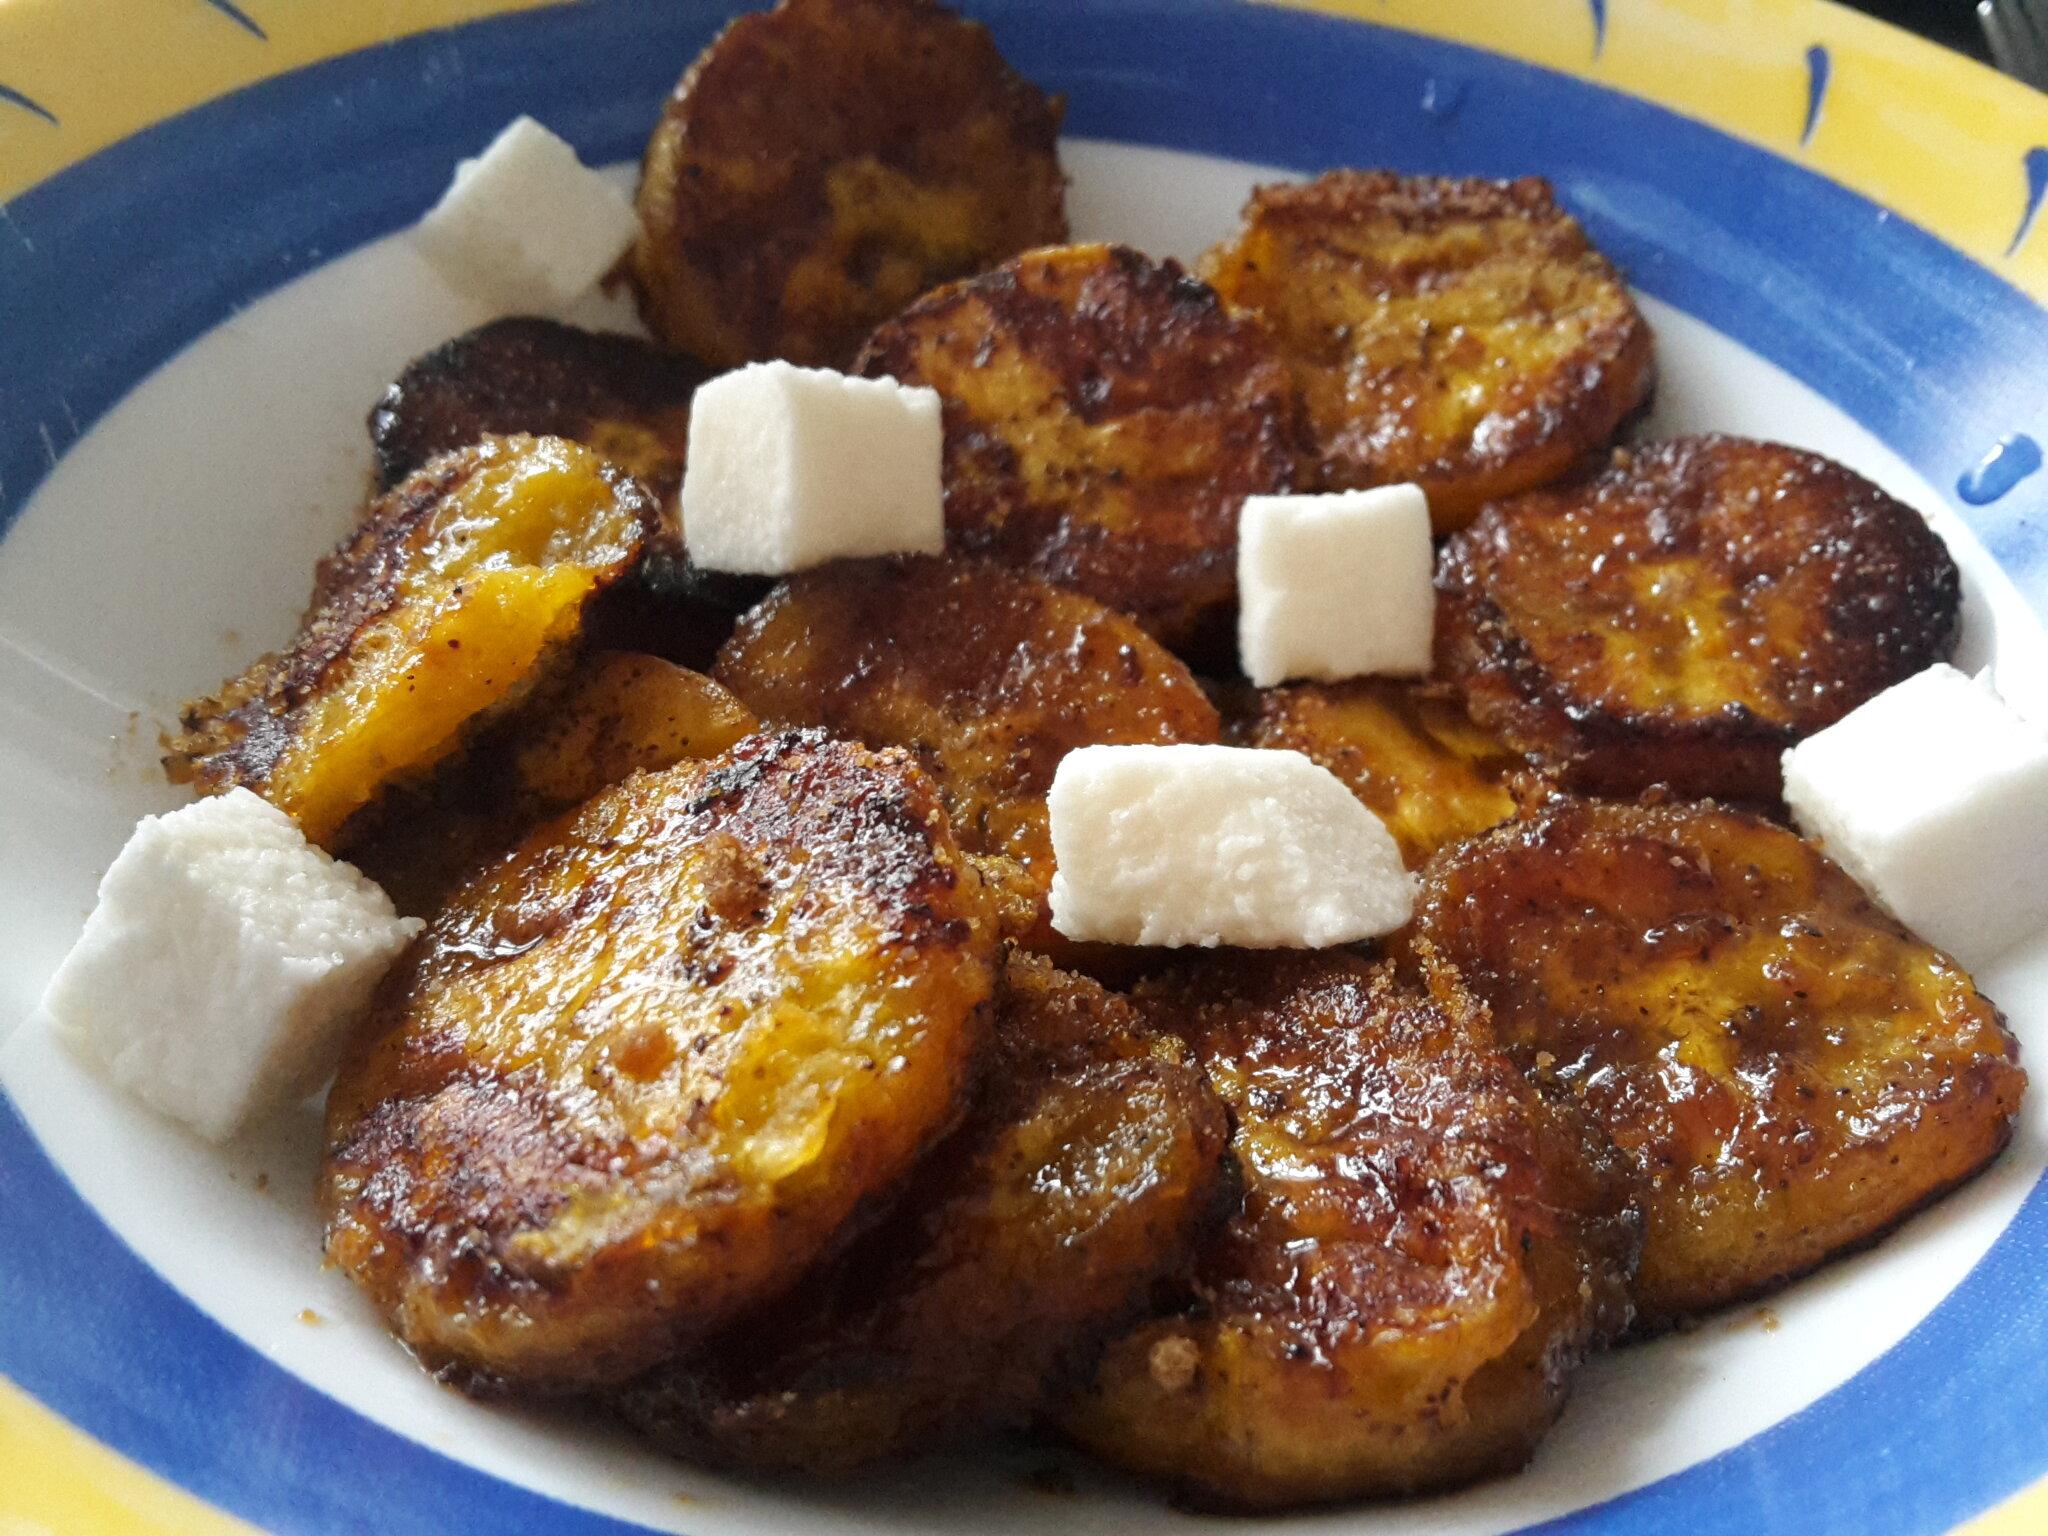 De la banane plantain oui mais en dessert les for Banane plantain au barbecue